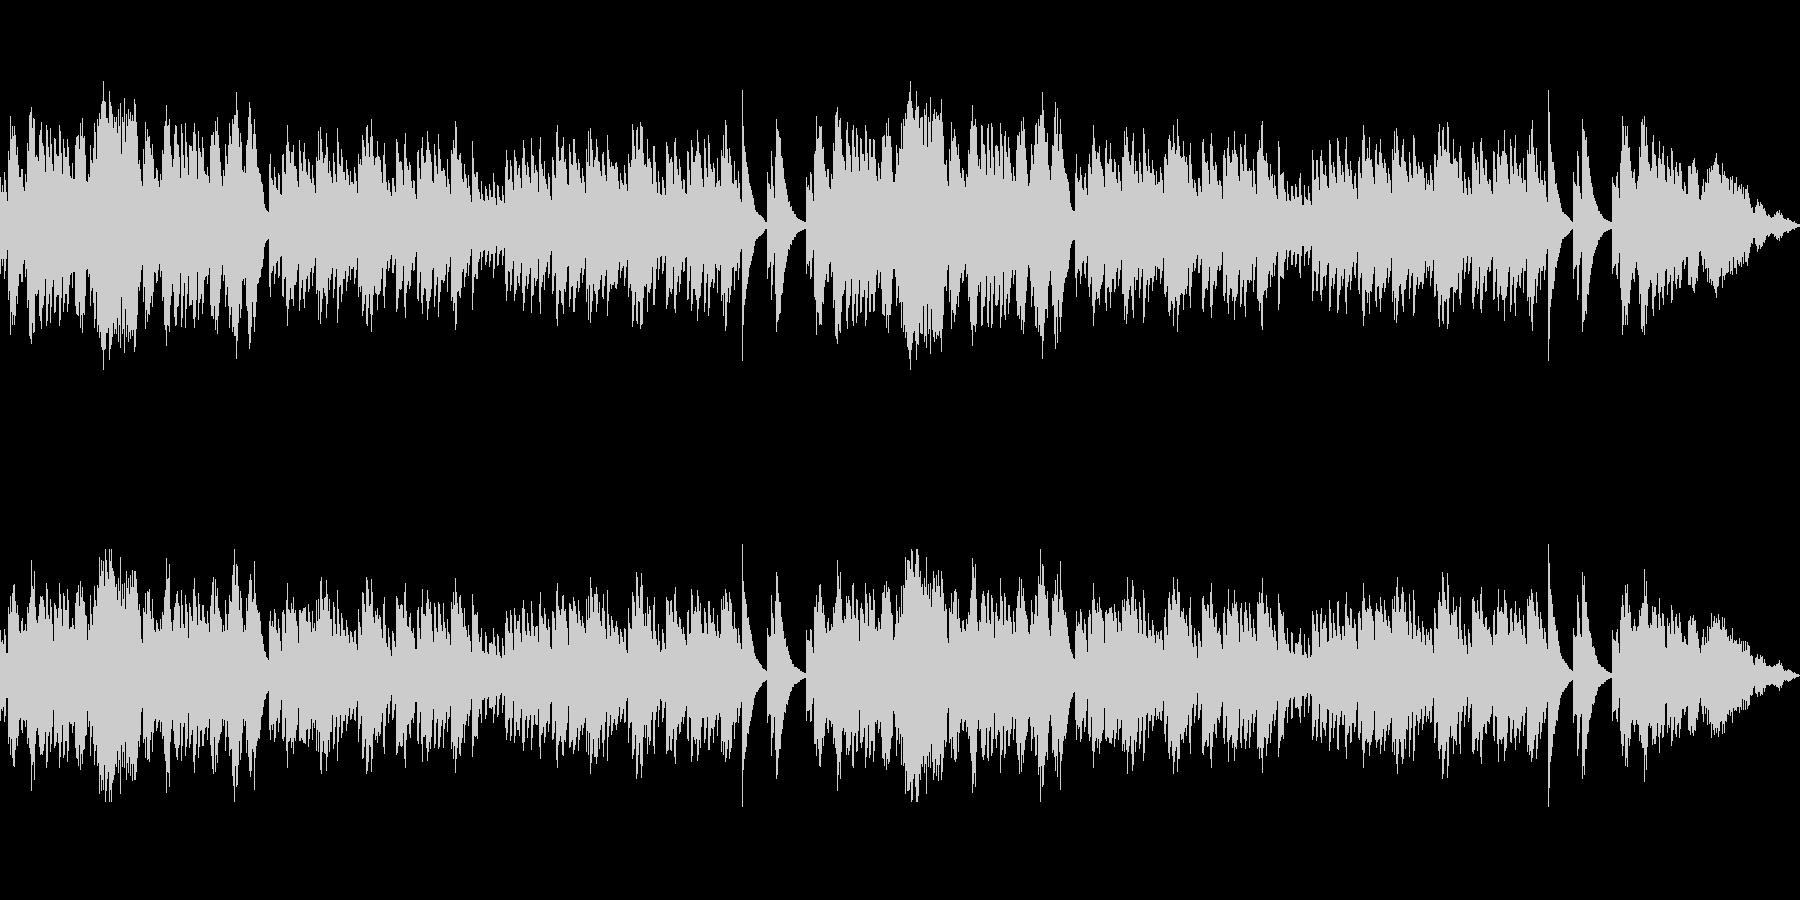 ファンタジー感溢れるオルゴールBGMの未再生の波形